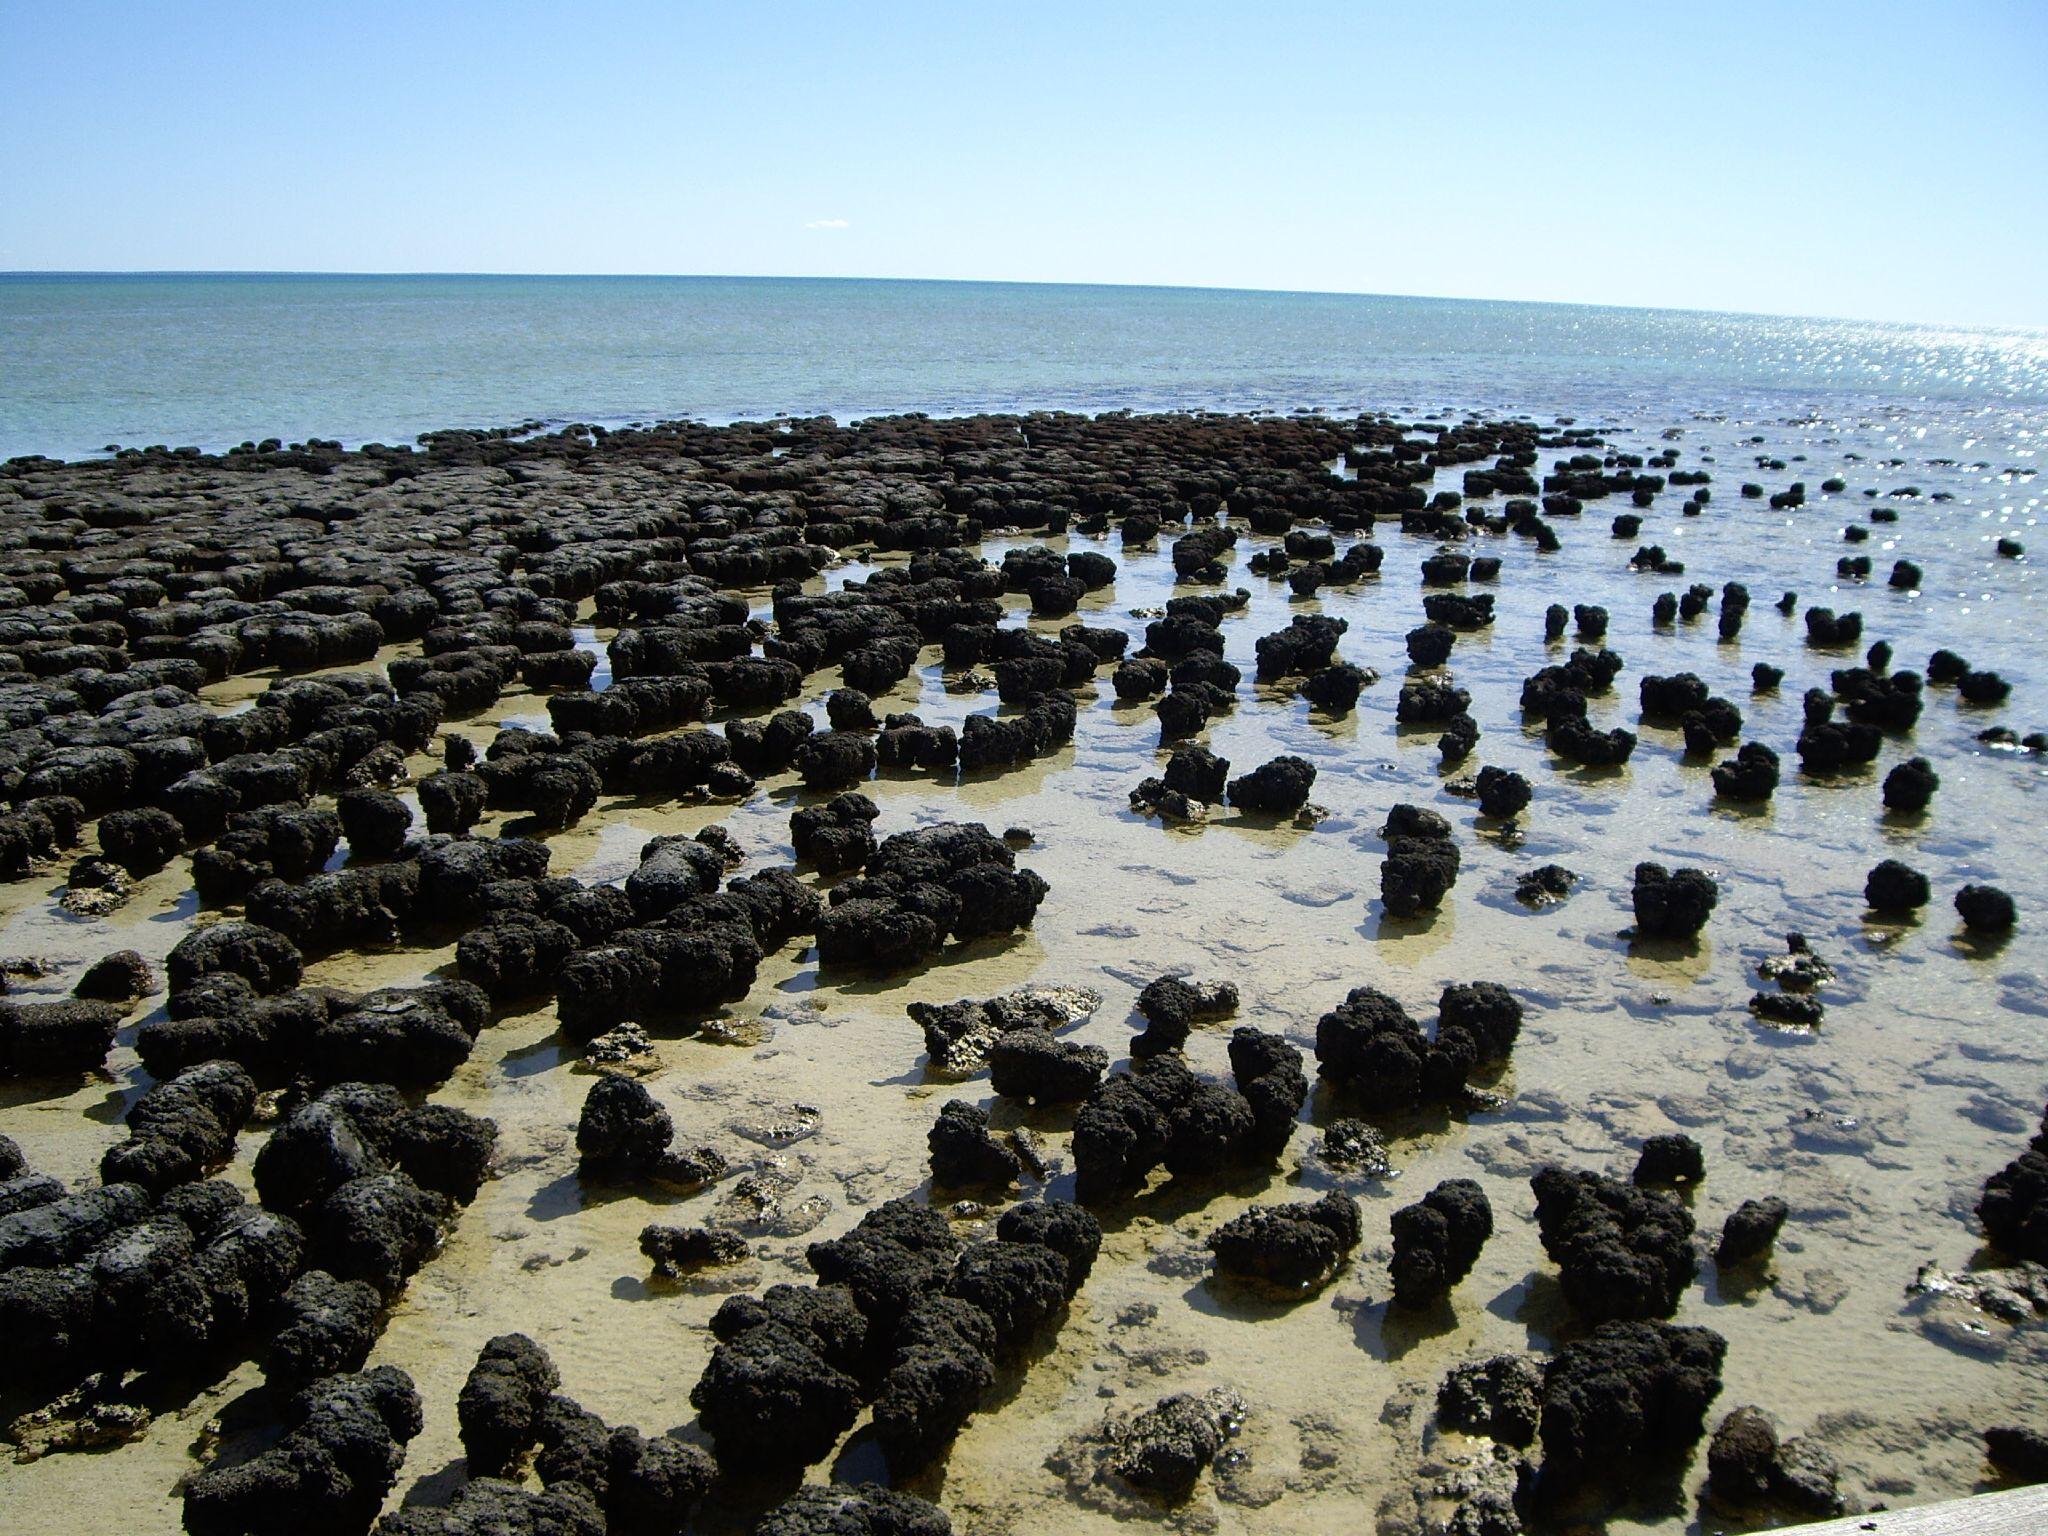 鯊魚灣擁有活生生的疊層岩結構,見證了地球最古老的生命起源;圖片來源:維基百科